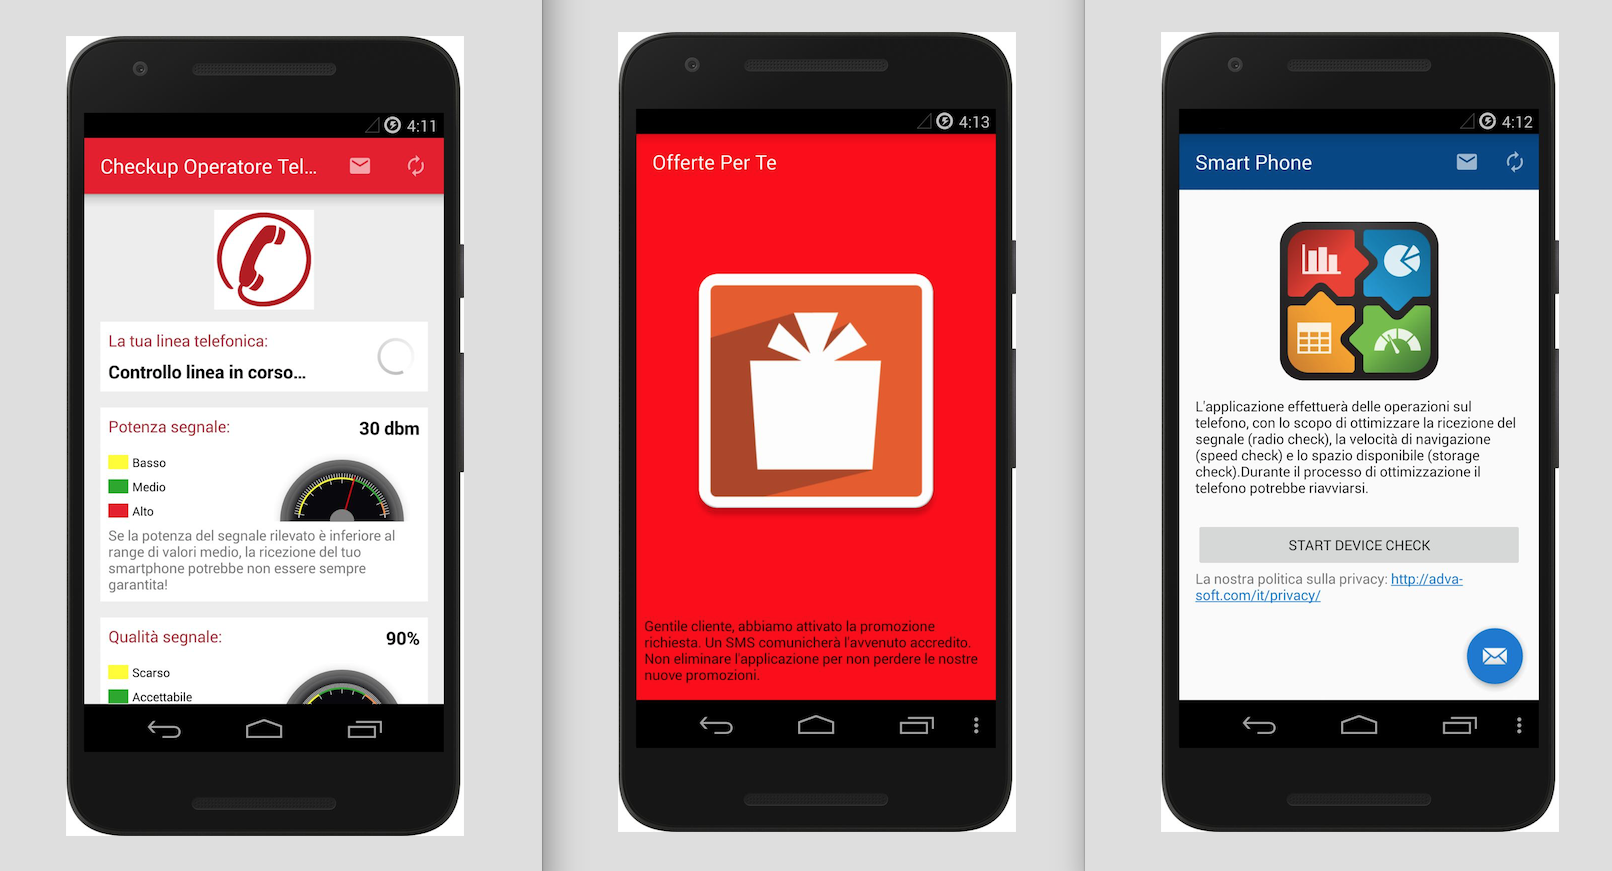 Alcune app contenenti il software-spia Exodus, ora non più disponibili sugli app store (Security Without Borders)